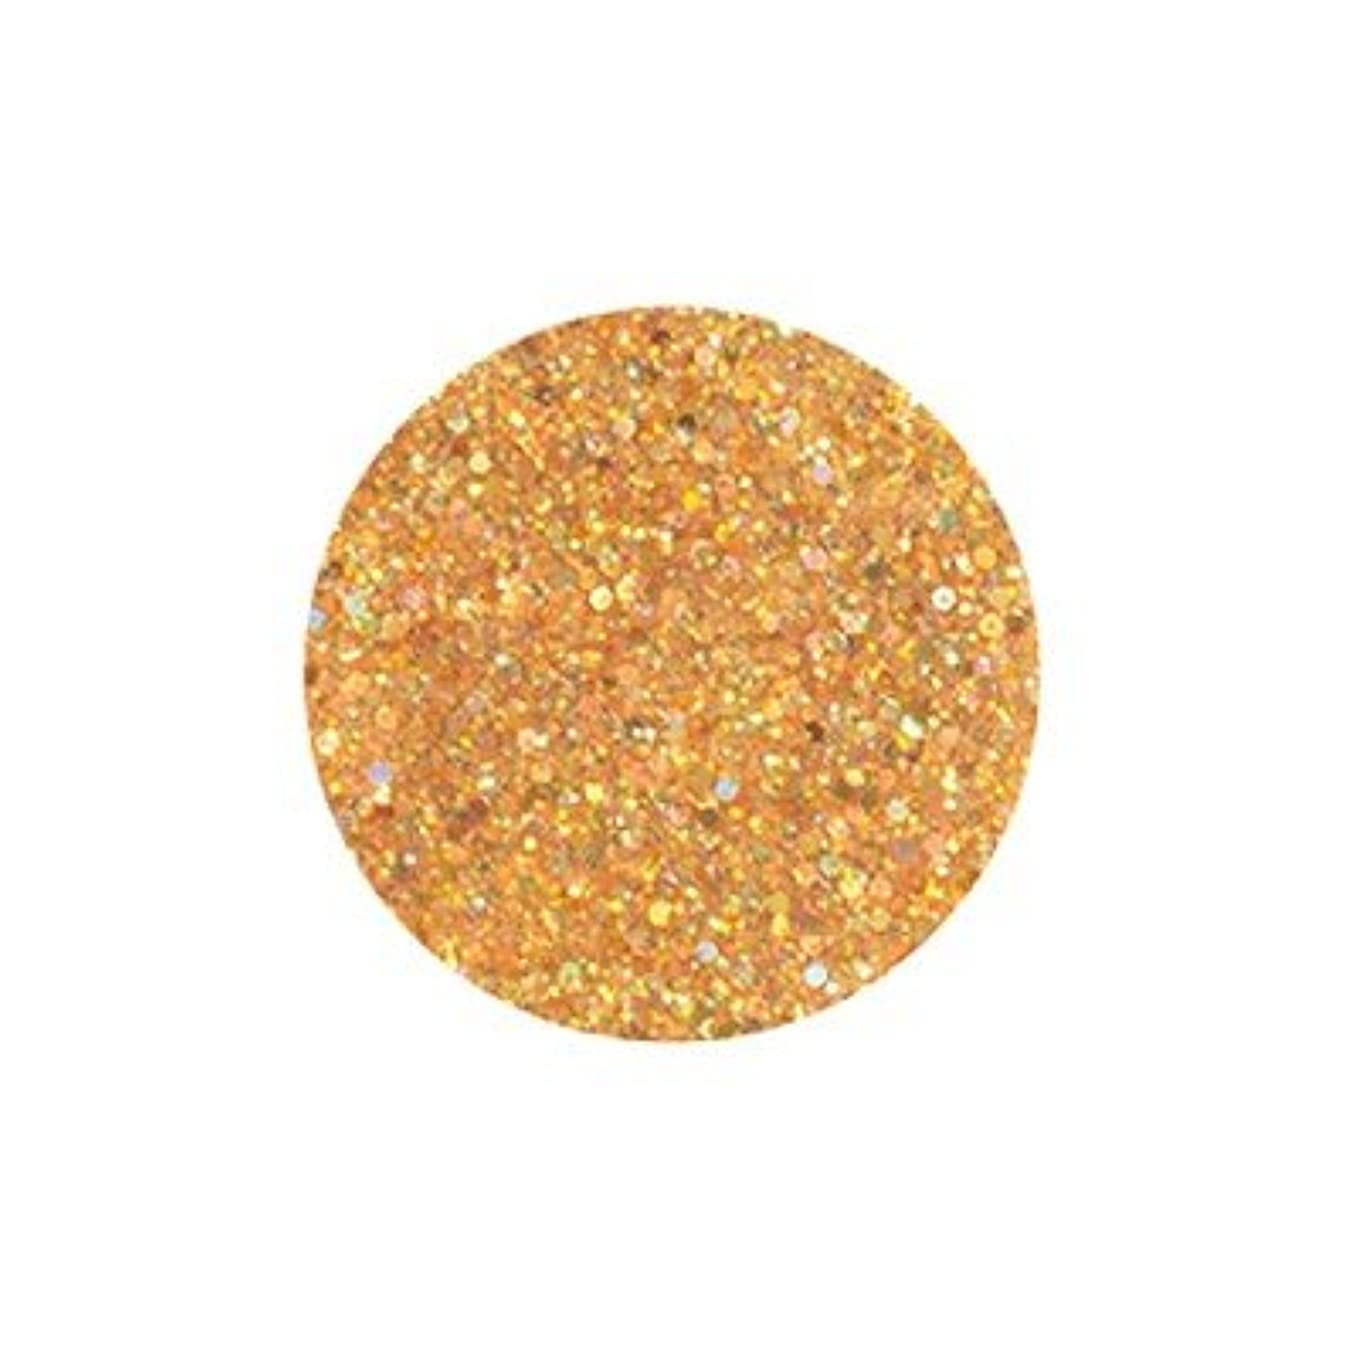 中傷厚くする不完全なFANTASY NAIL ダイヤモンドコレクション 3g 4254XS カラーパウダー アート材